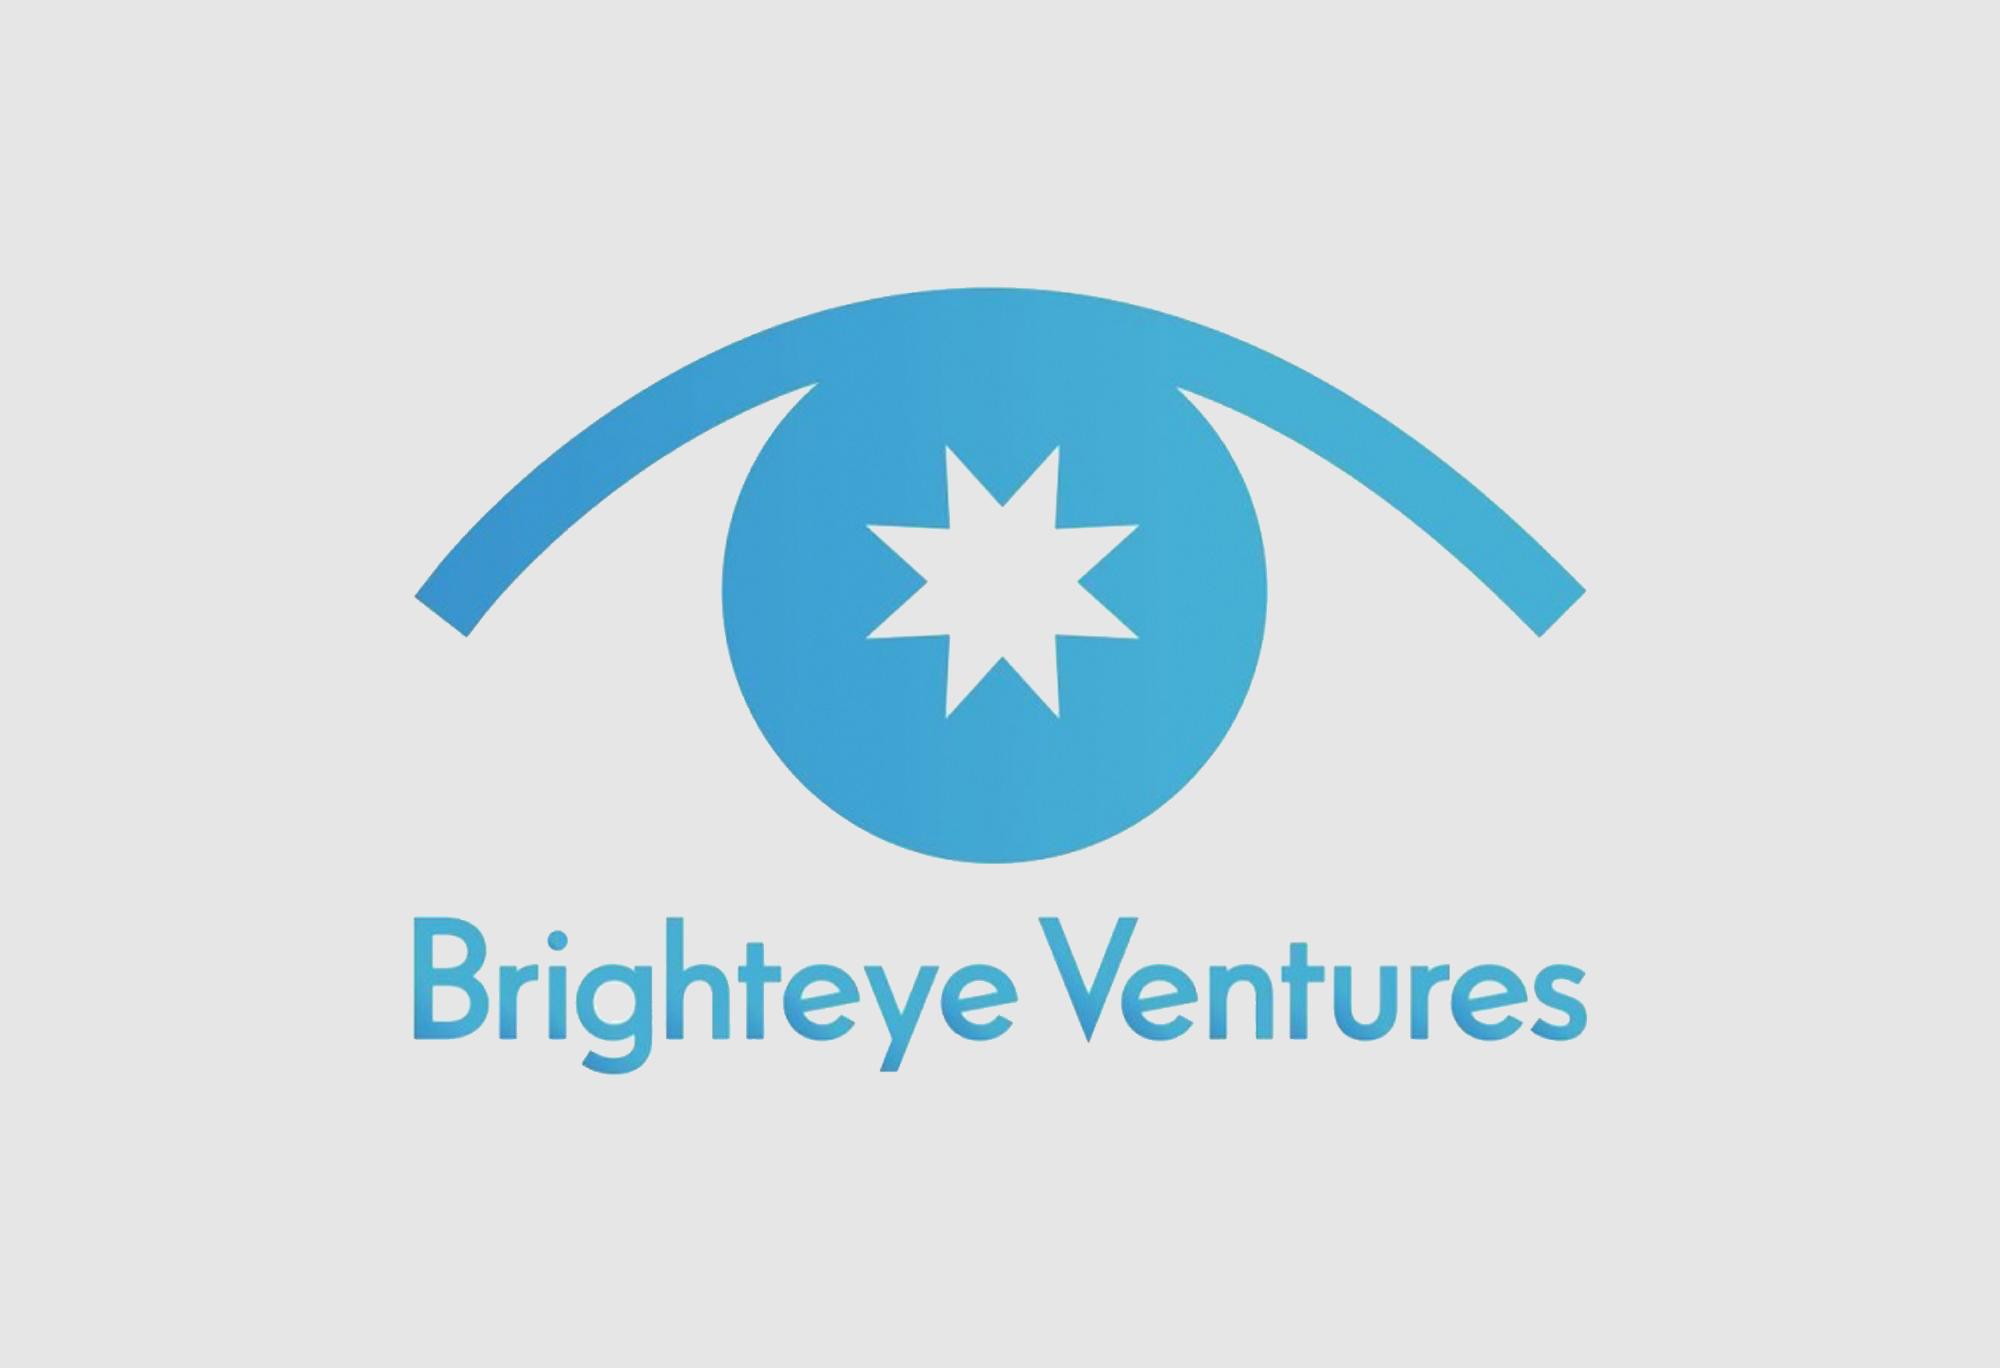 Brighteye Ventures